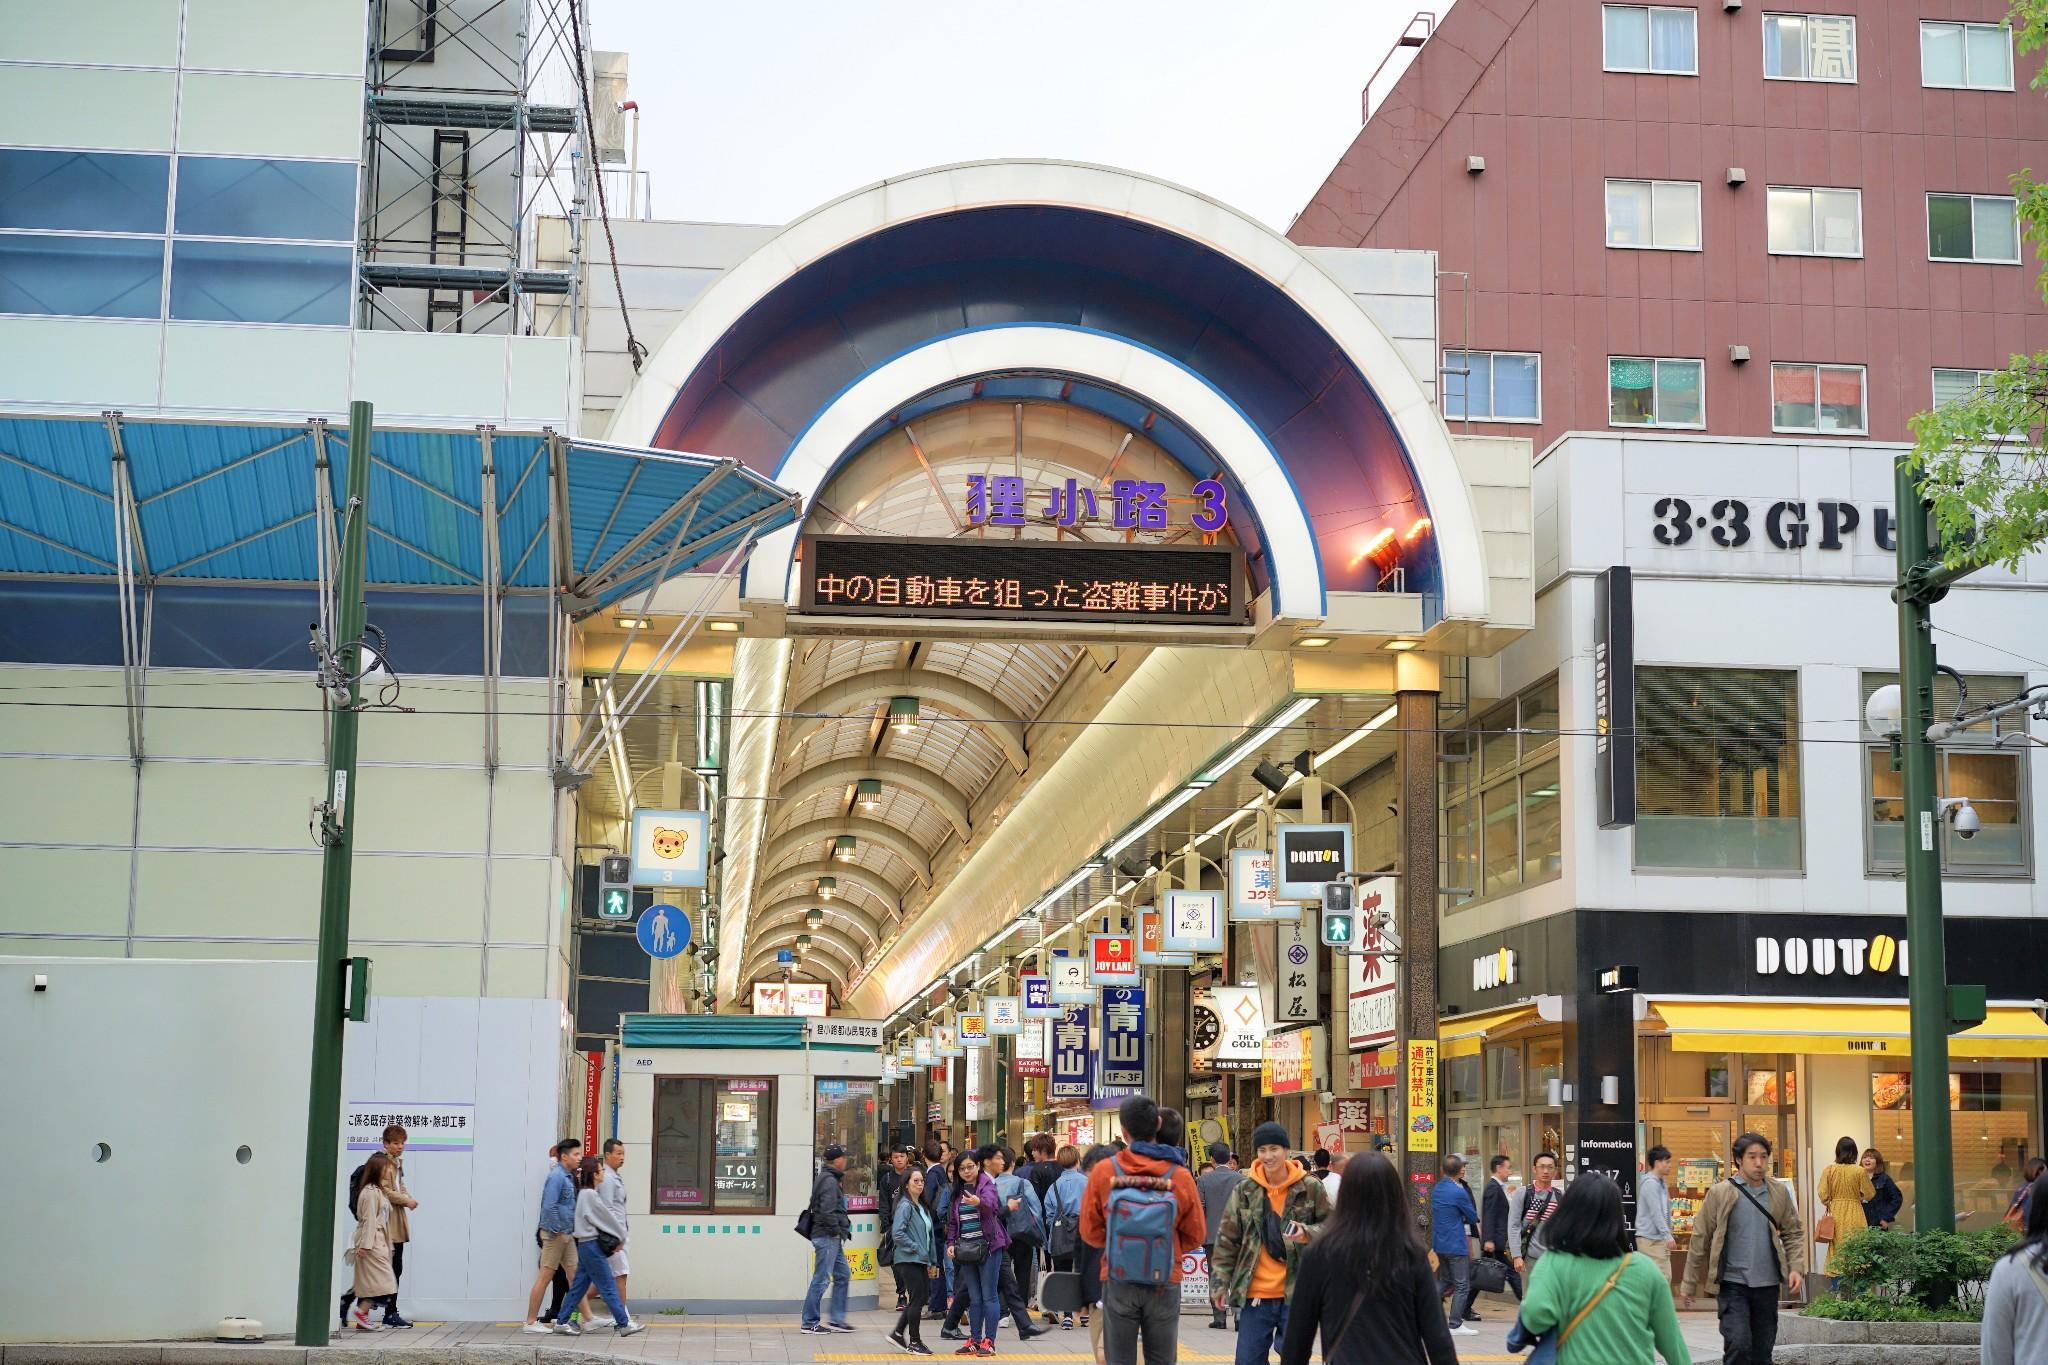 【北海道景點圖片】貍小路商店街